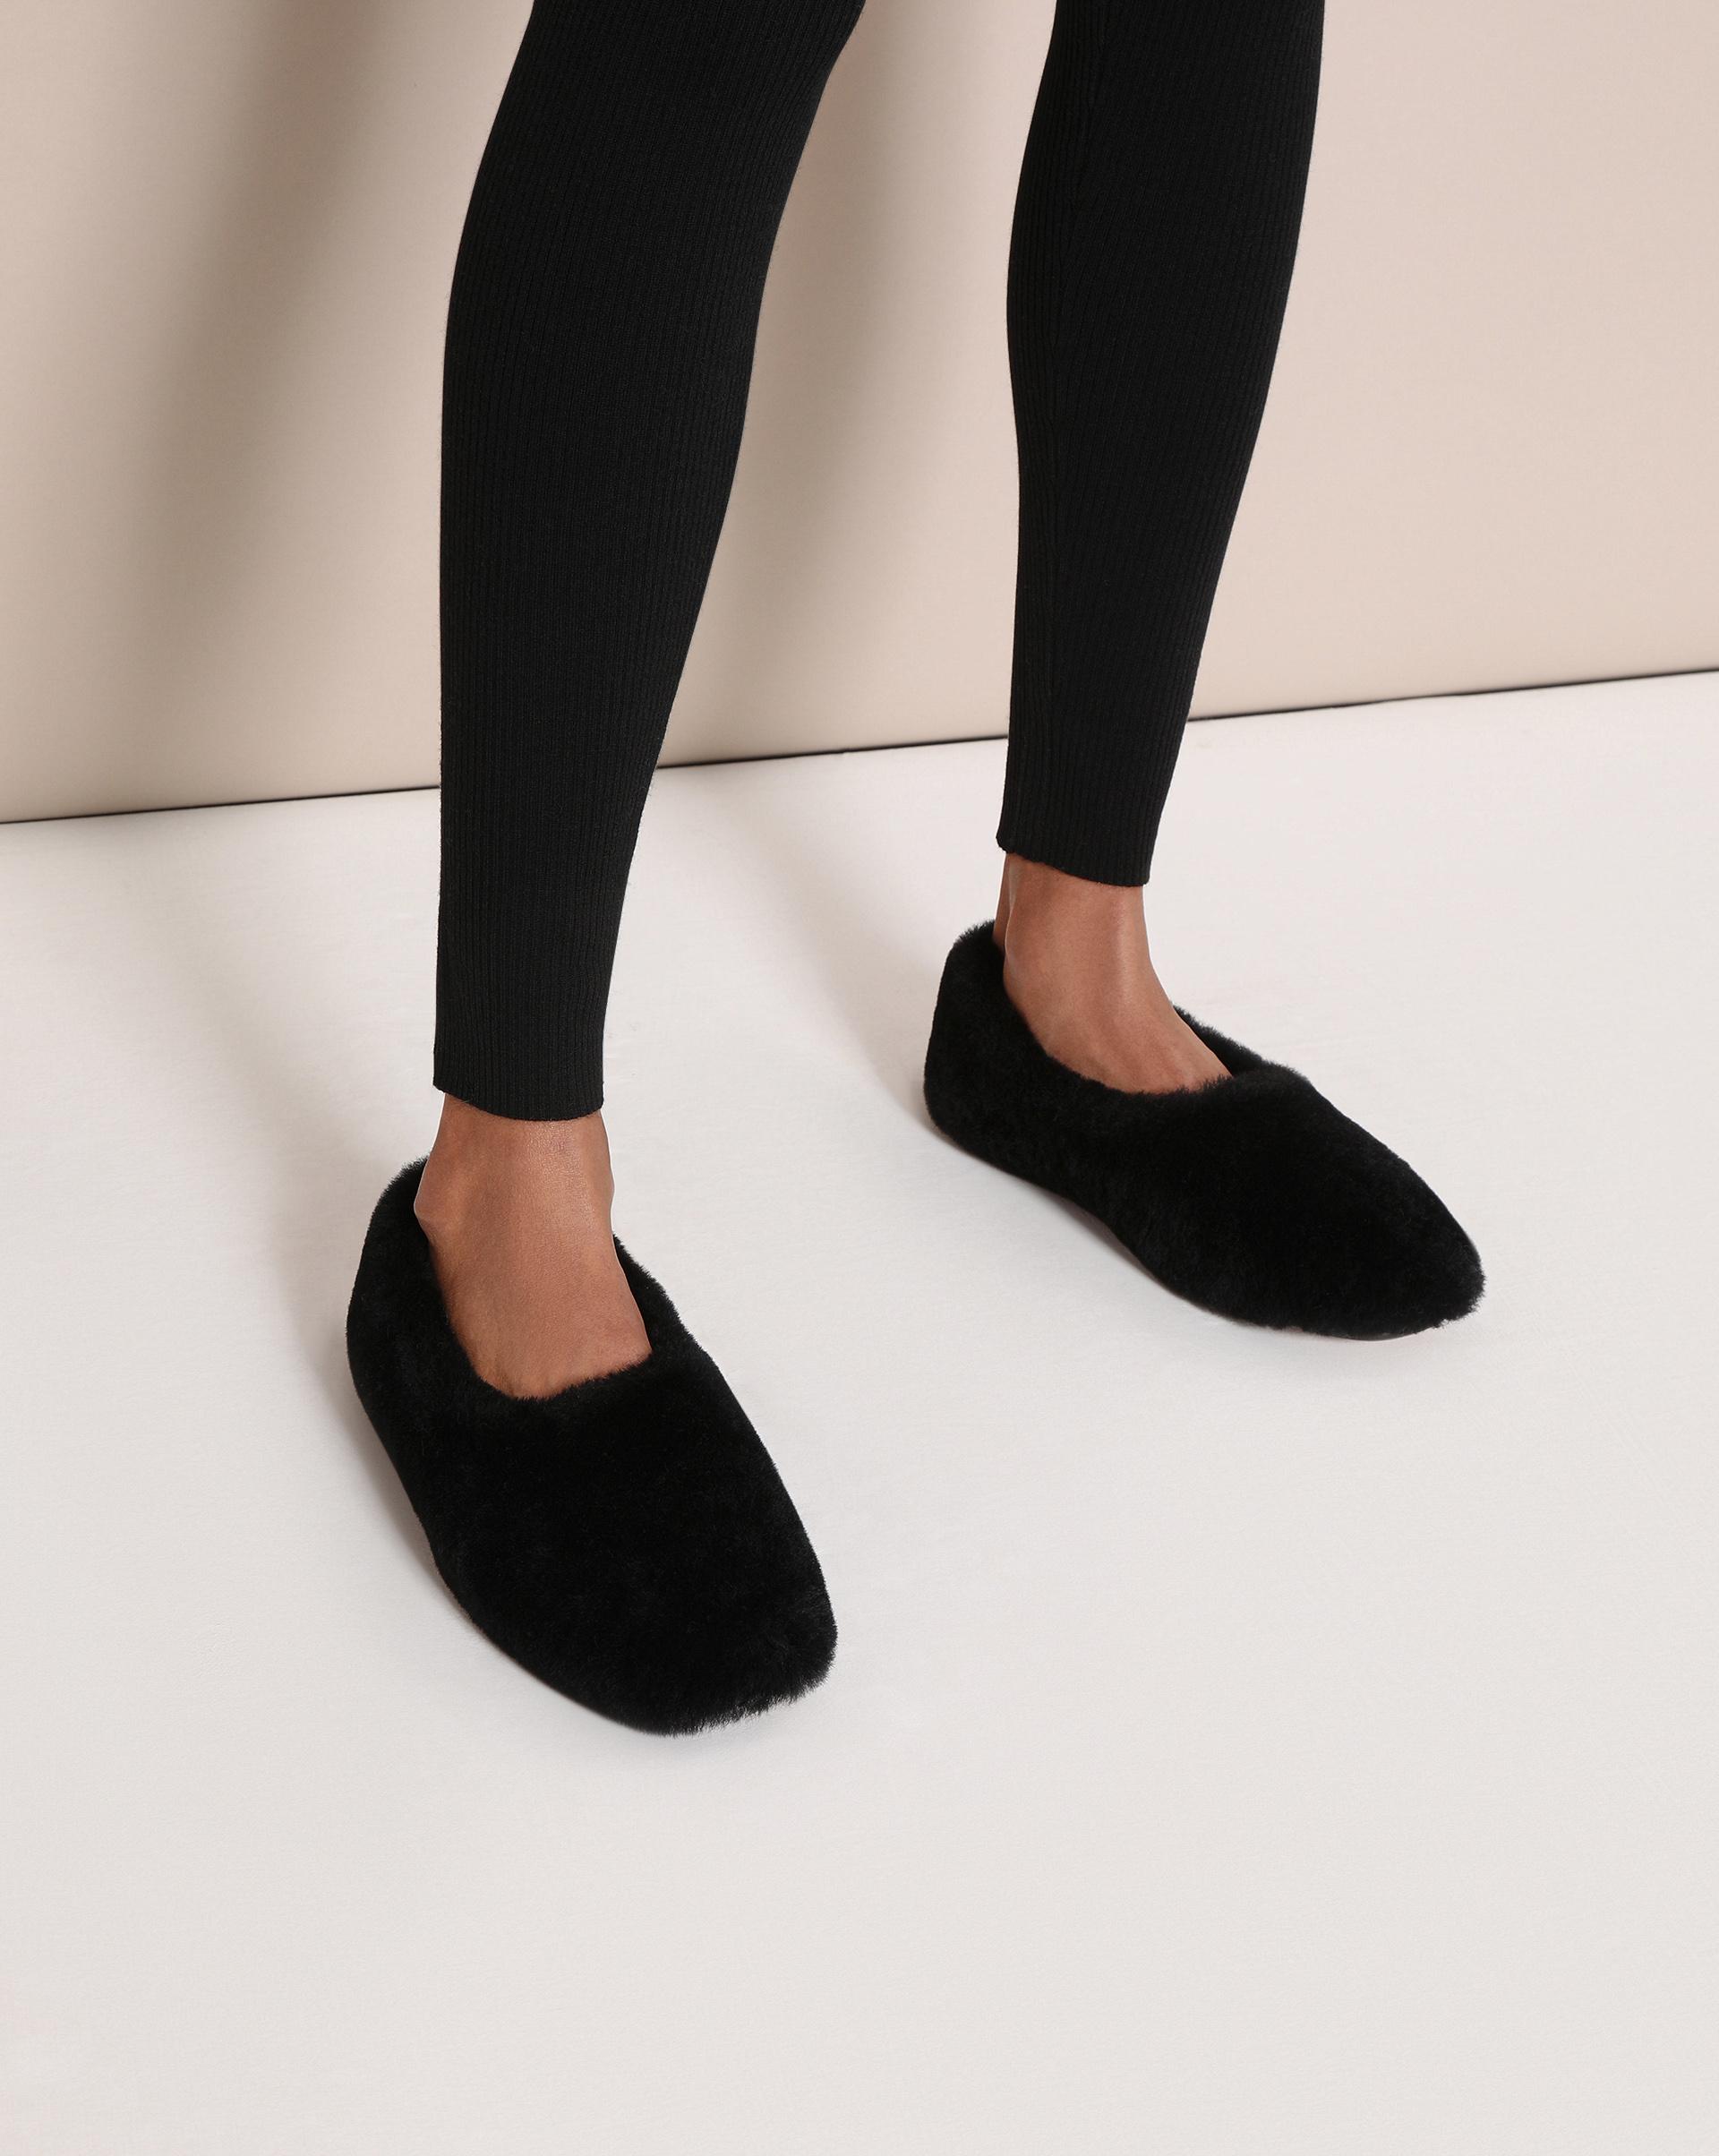 12STOREEZ Тапочки-лоферы из меха 12storeez туфли лоферы из меха